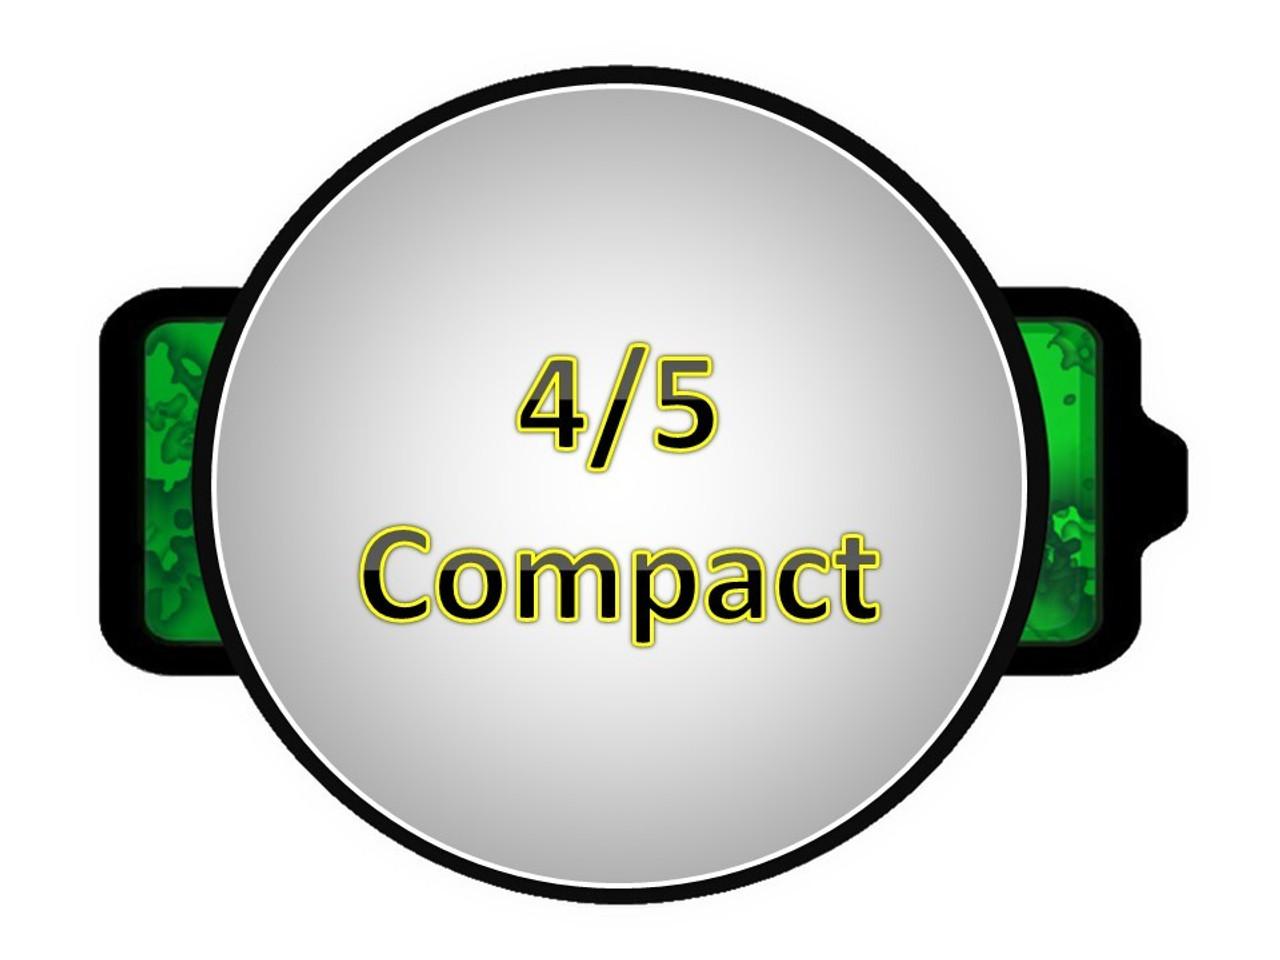 12V RIDGID Compact